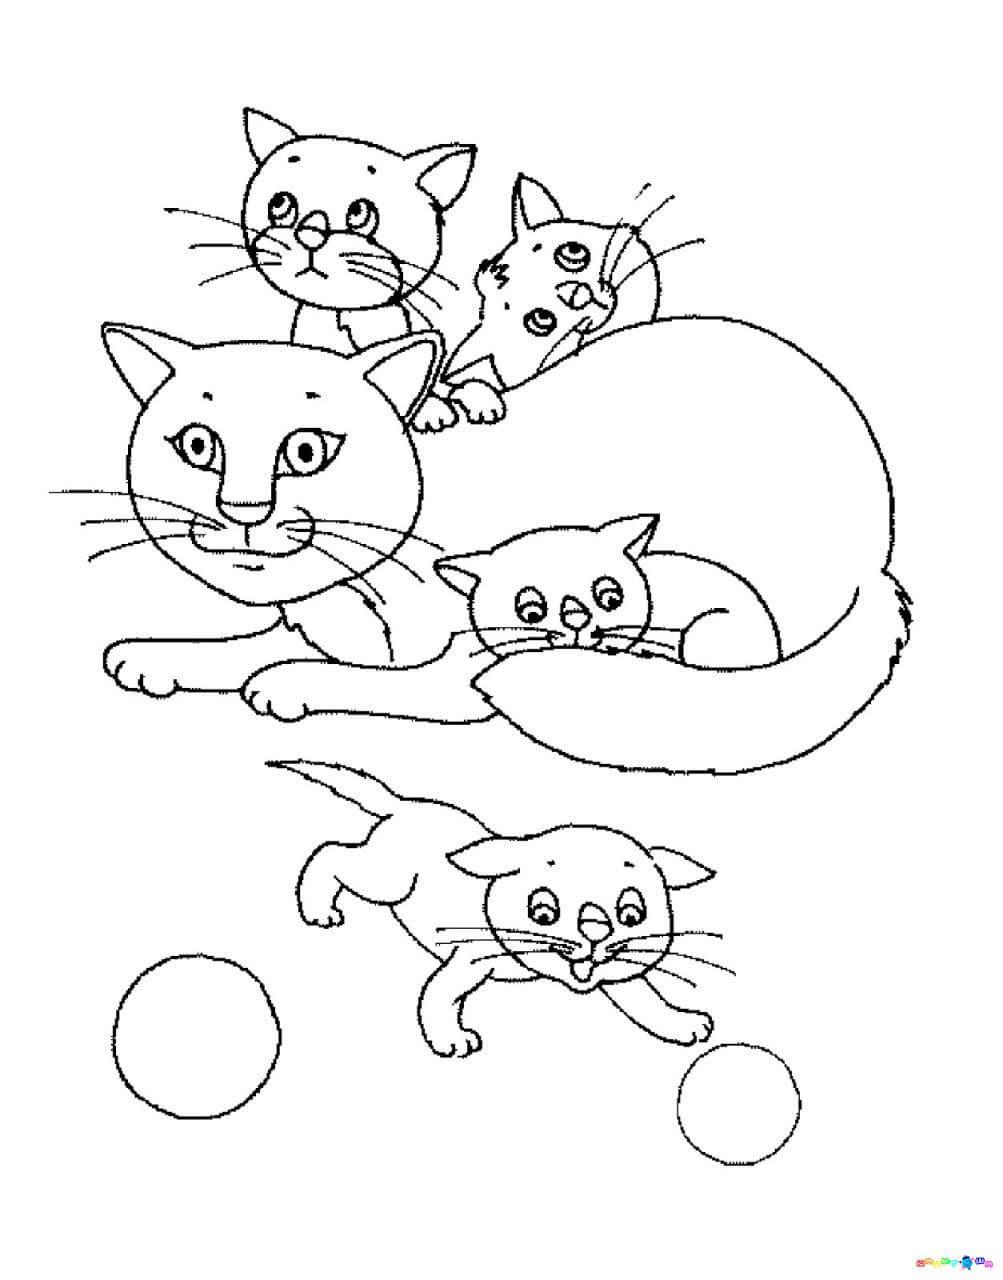 рисунок кошки карандашом для детей распечатать раскрашиваем